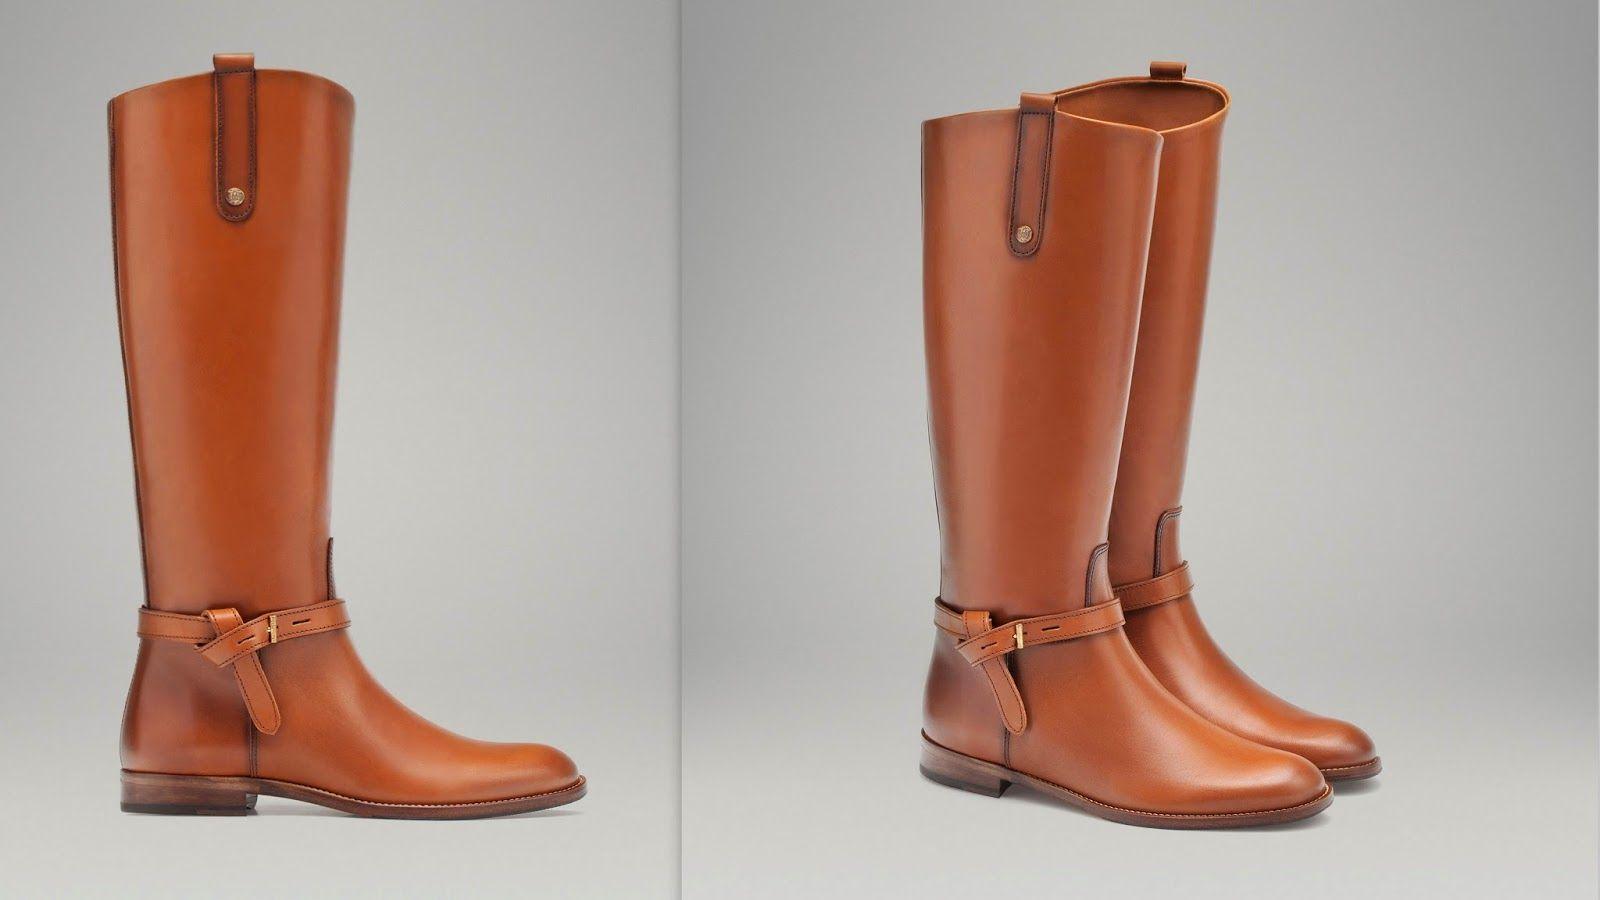 Classic Valeria Buty Na Zime Jak Nosic Jak Zestawiac Czyli Krotkie Boots Outfit Accessories Shoes